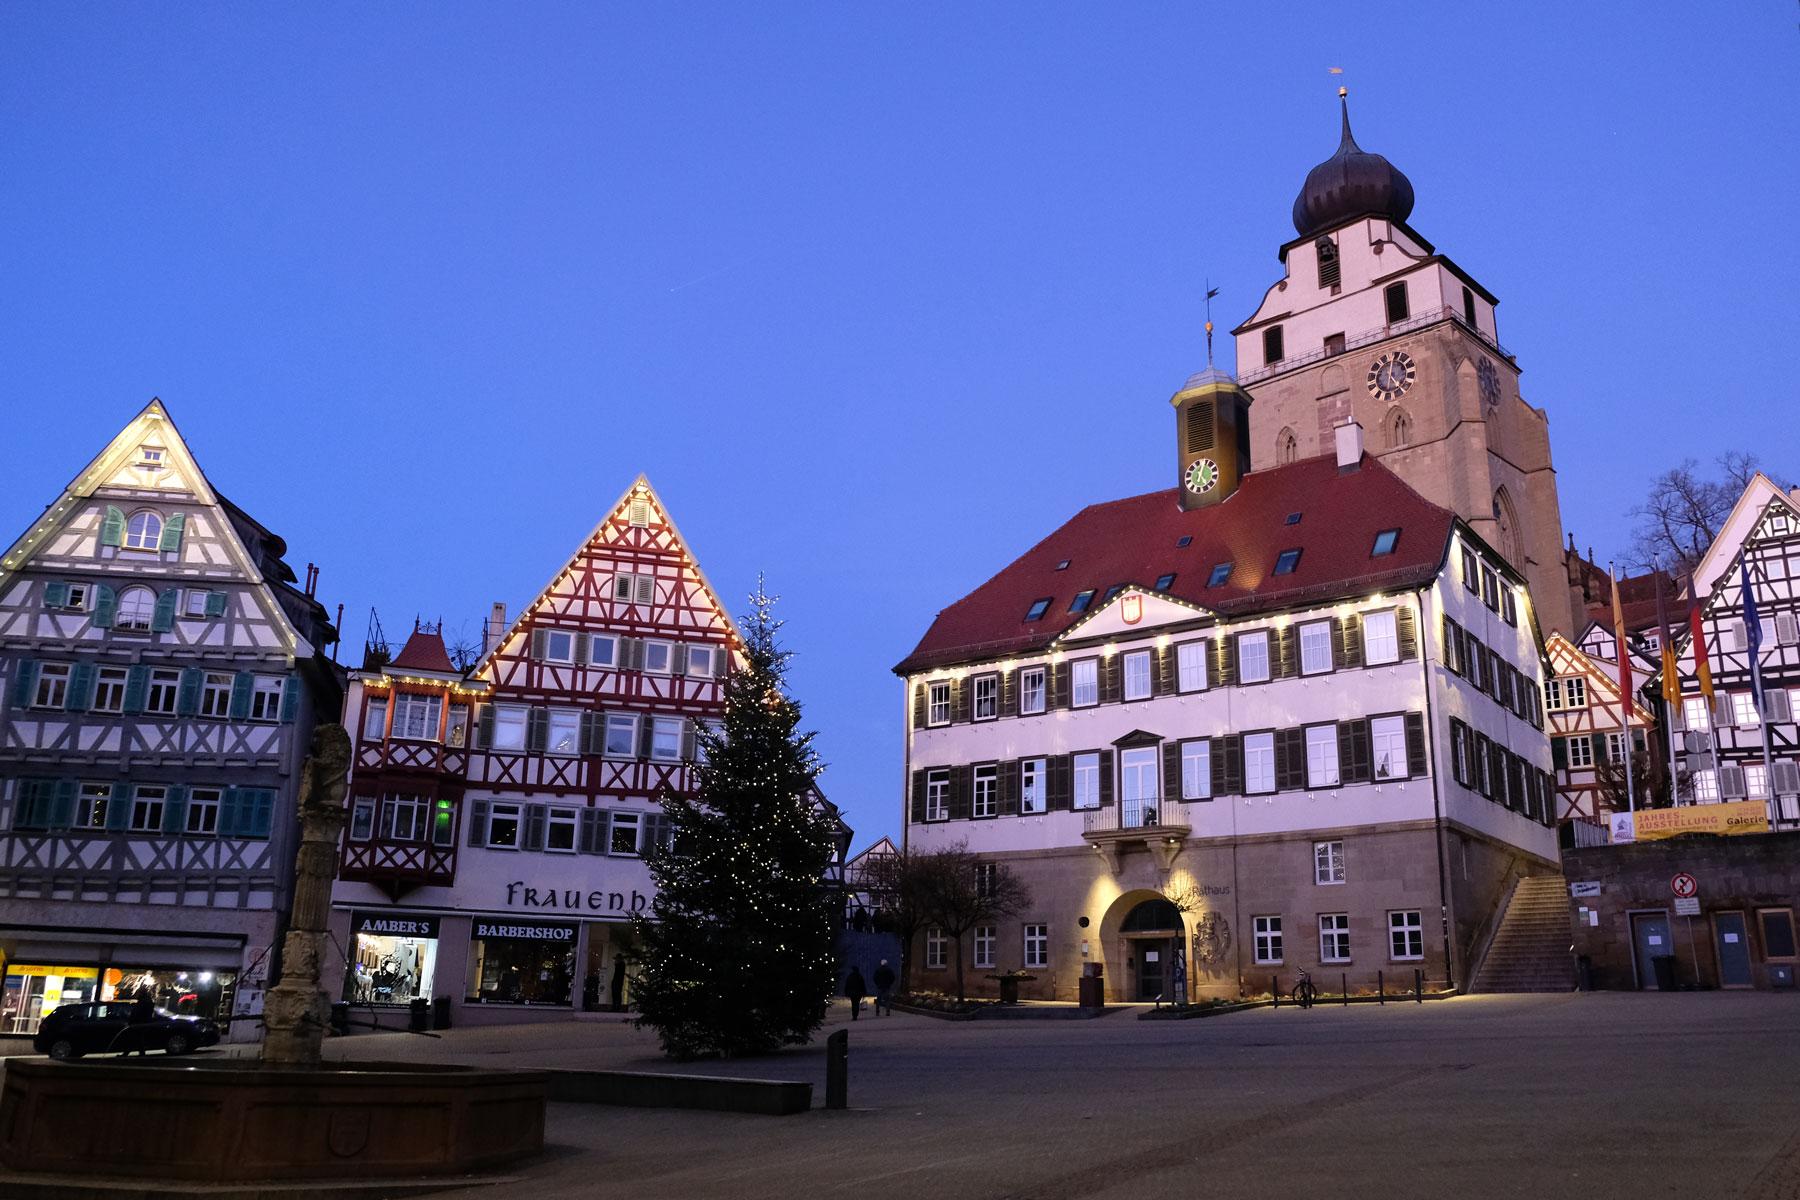 Der Marktplatz der Kleinstadt Herrenberg.